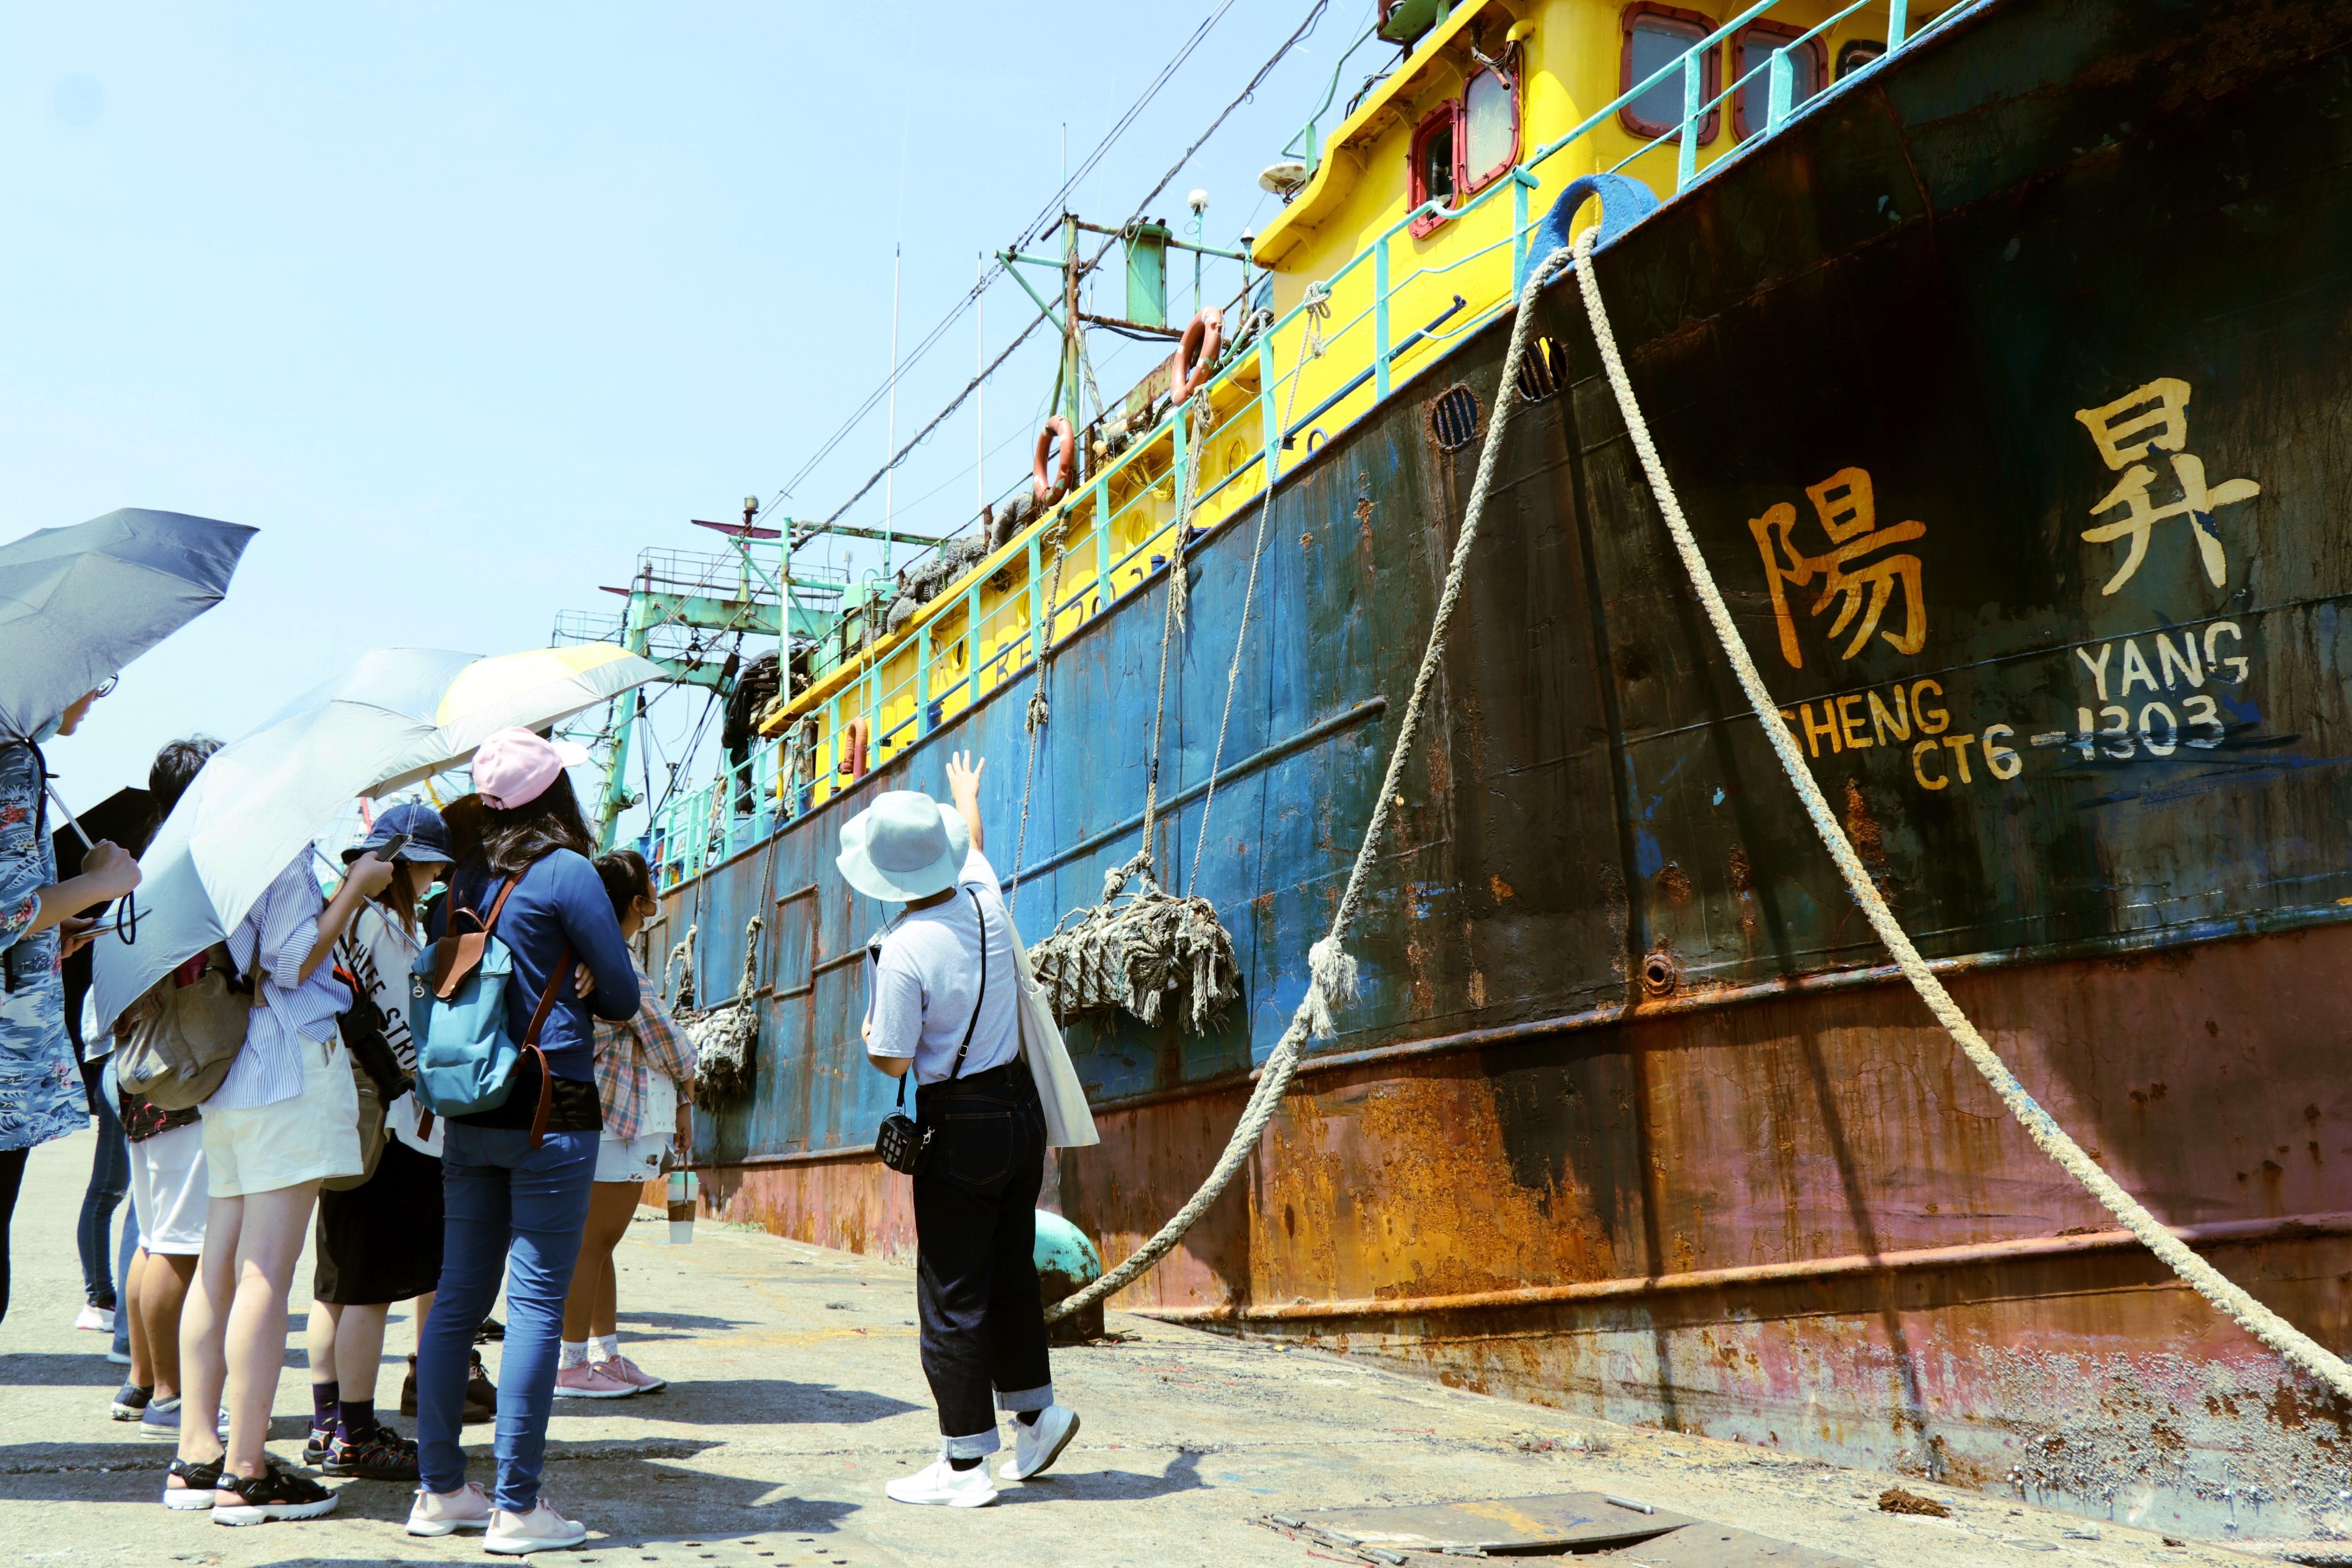 圖二:星濱山導覽員陳虹儒對Dreamer學員講解漁船的小知識,如:每艘漁船上有不同的數字標示,其實是船隻的身分證號。(攝/萬巧蓉)